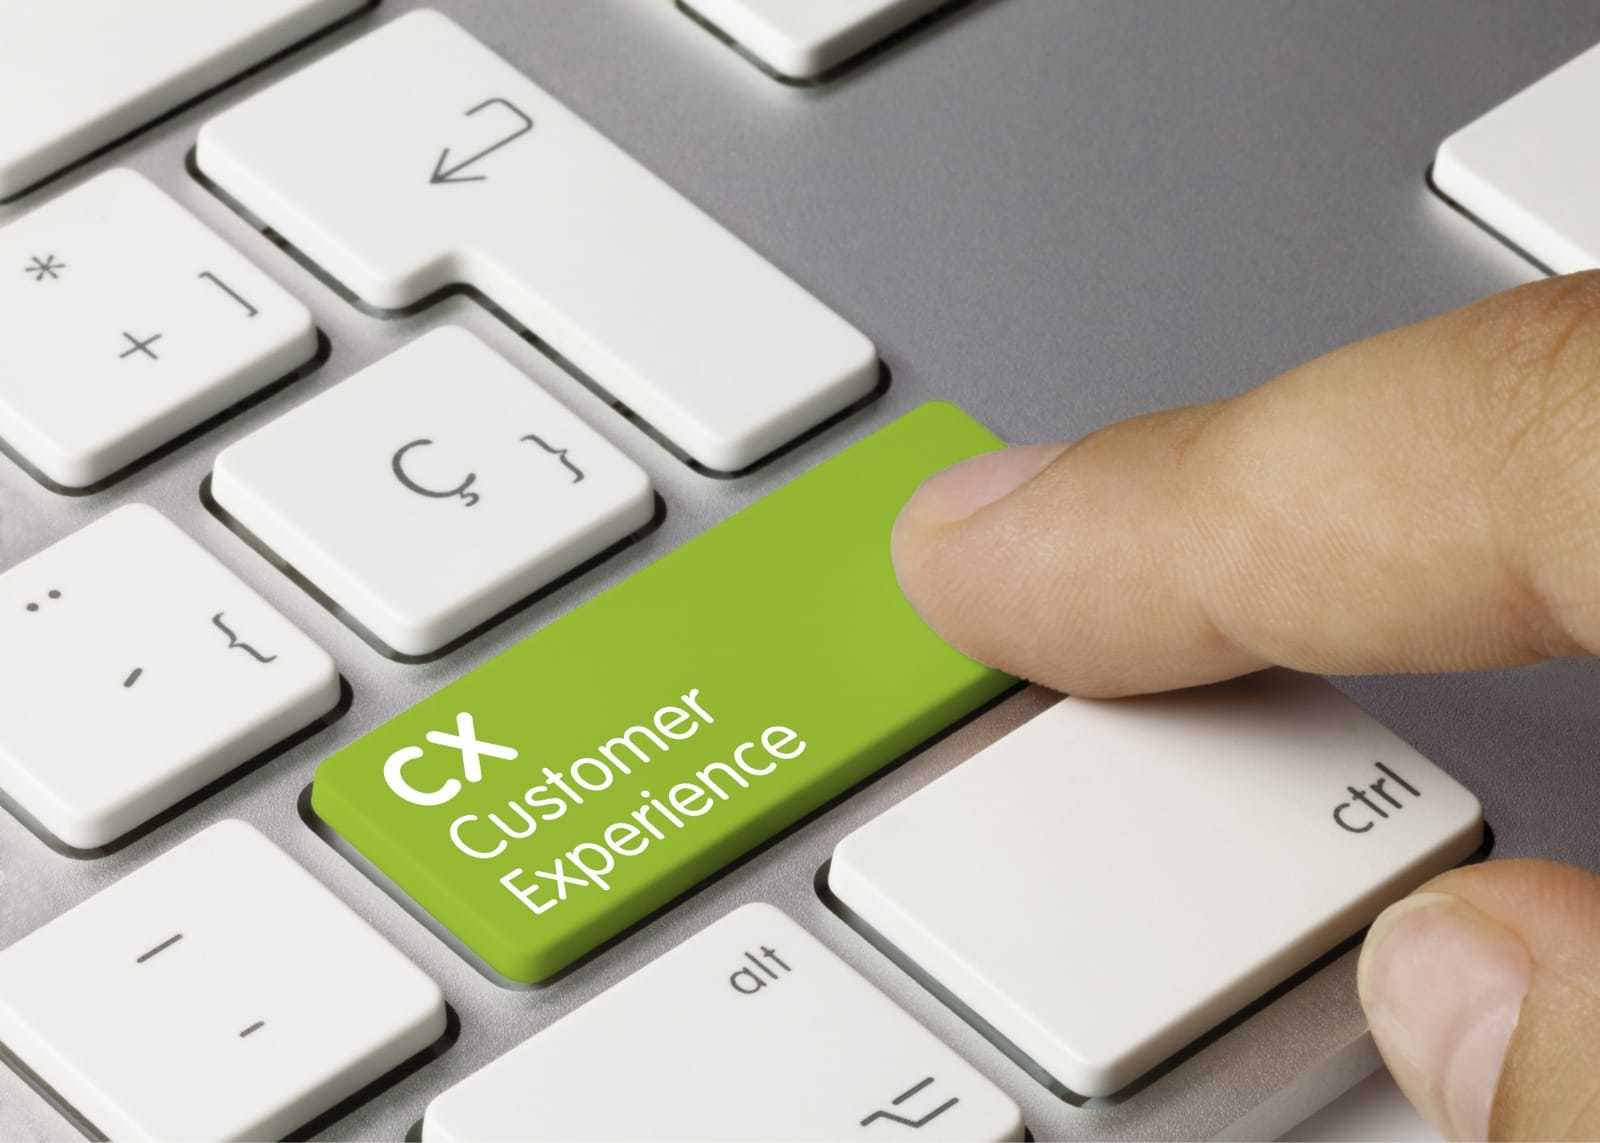 CXのキーを押す指